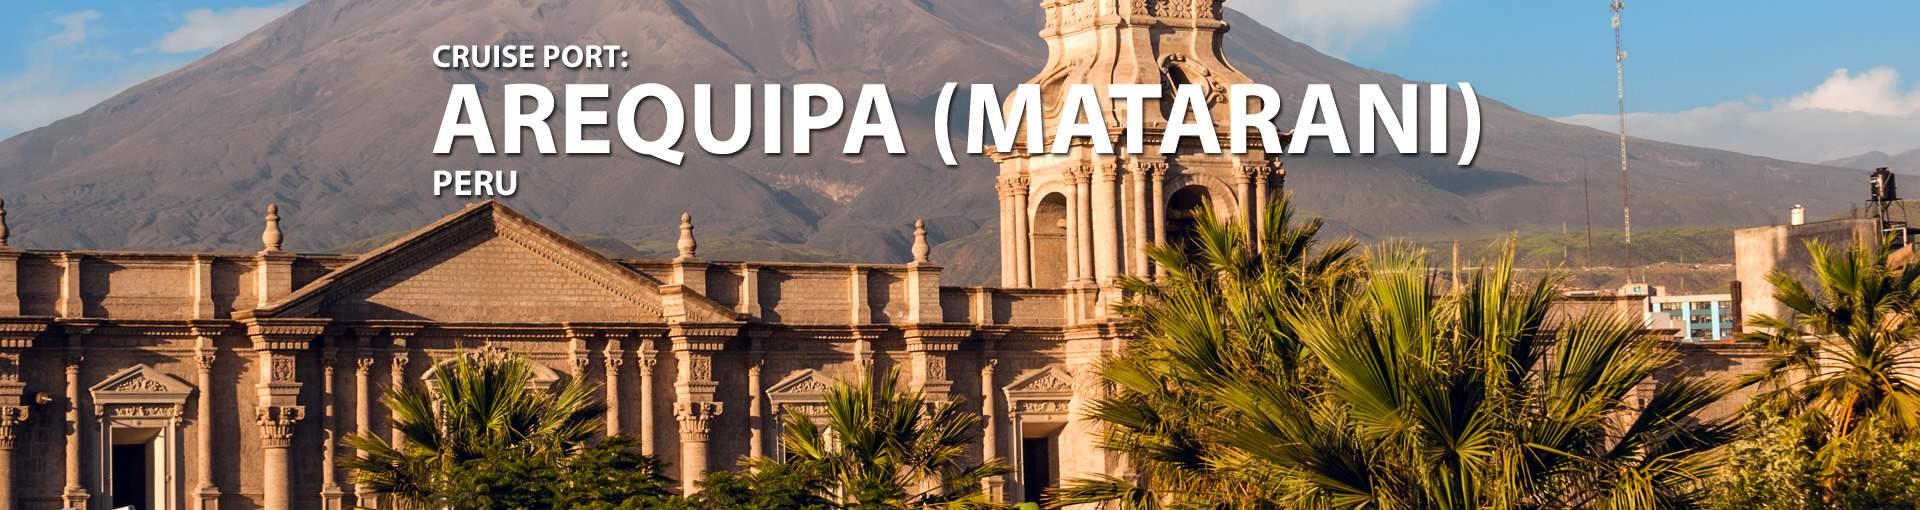 Cruises to Arequipa (Matarani), Peru